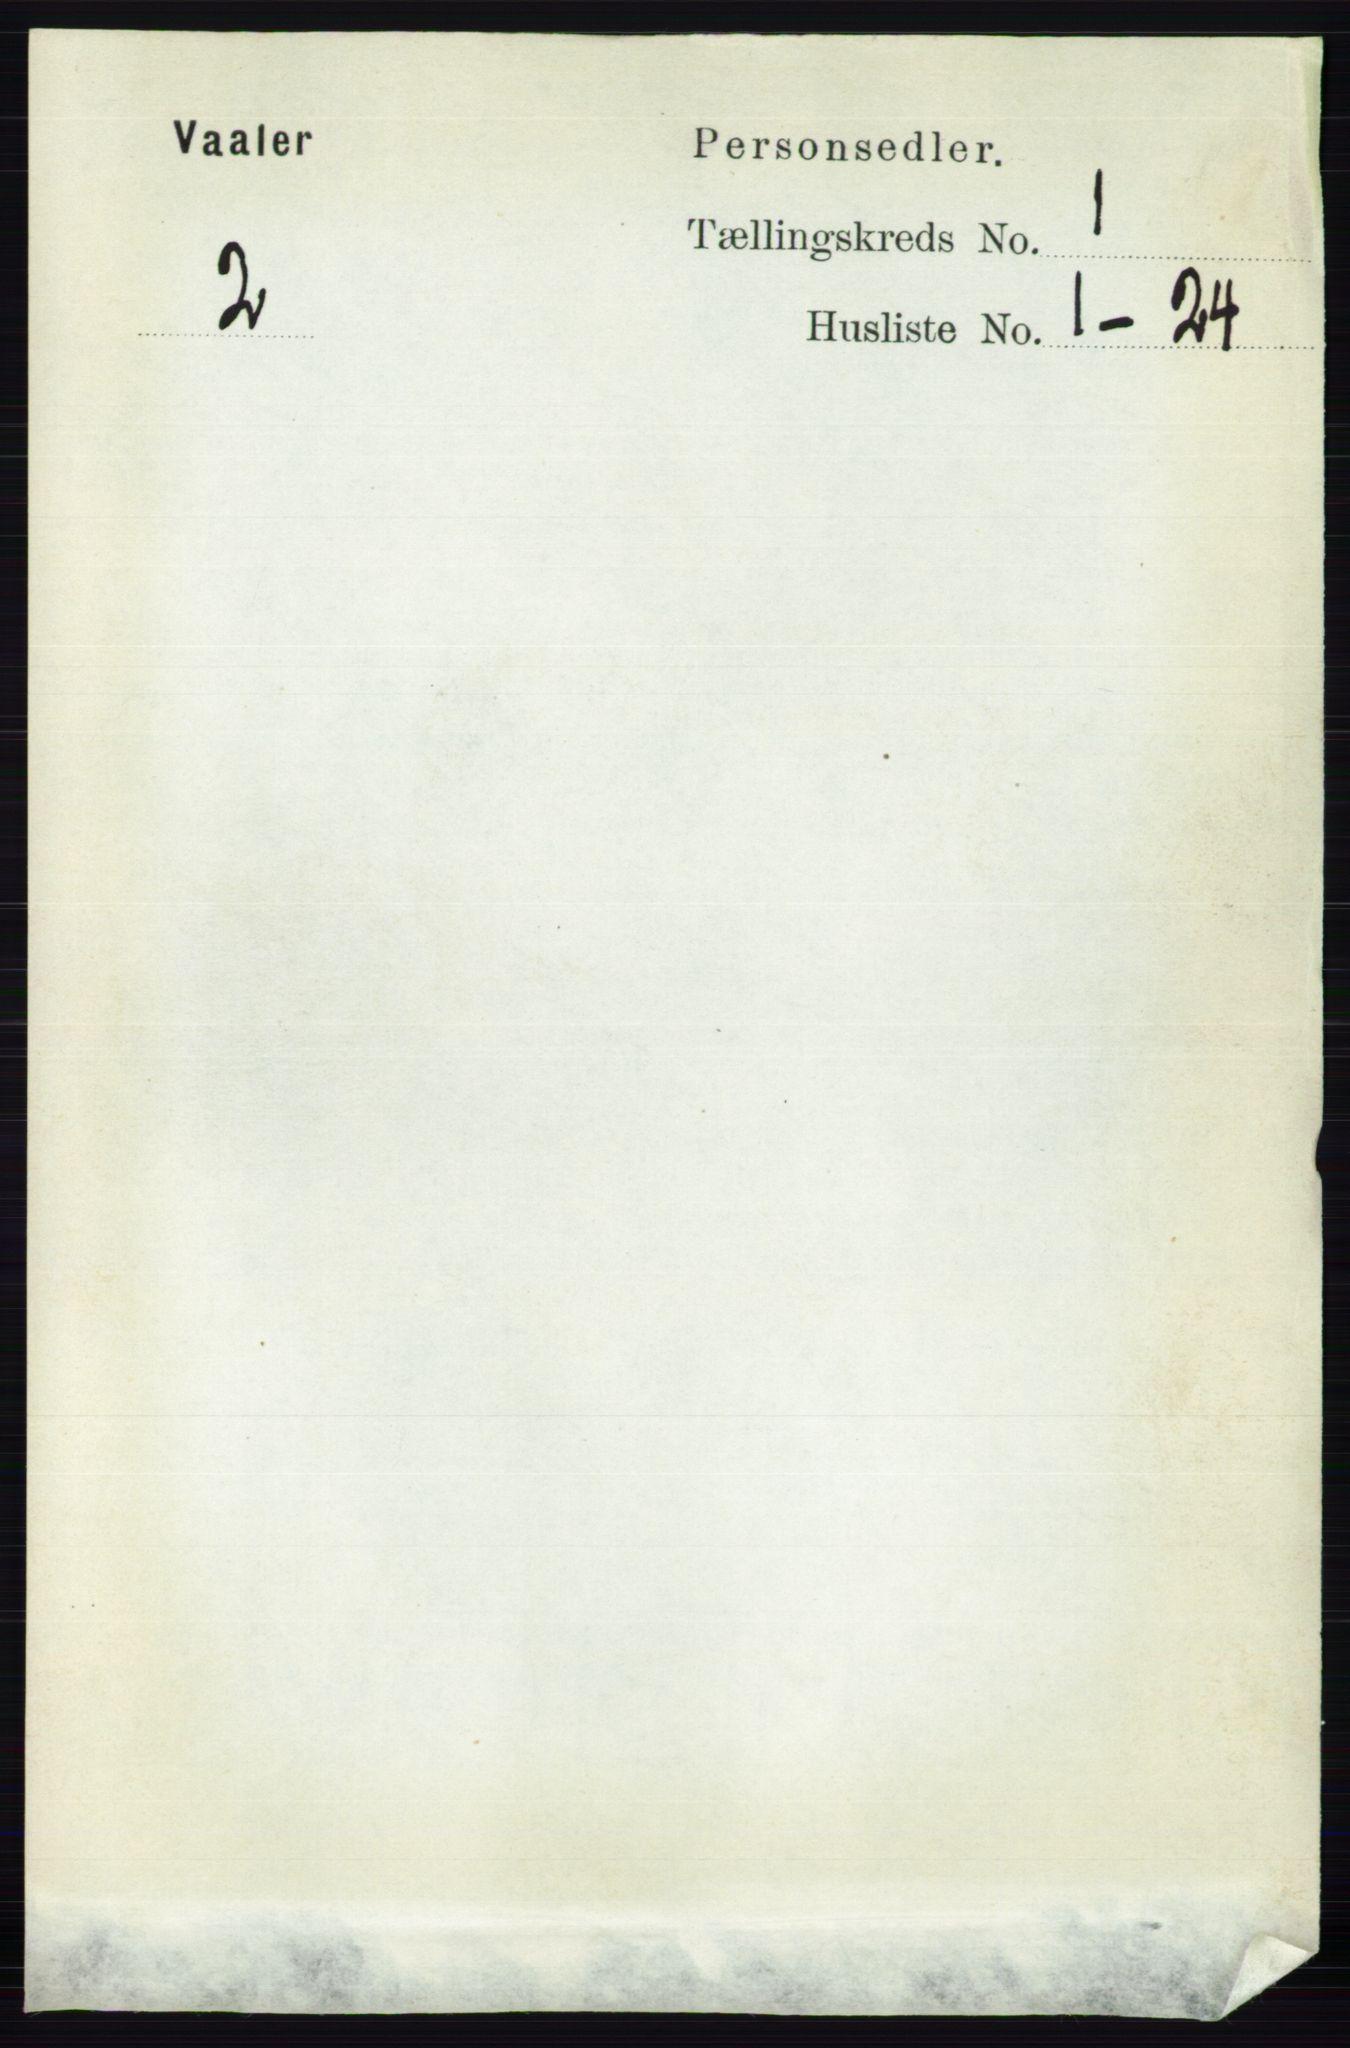 RA, Folketelling 1891 for 0137 Våler herred, 1891, s. 104